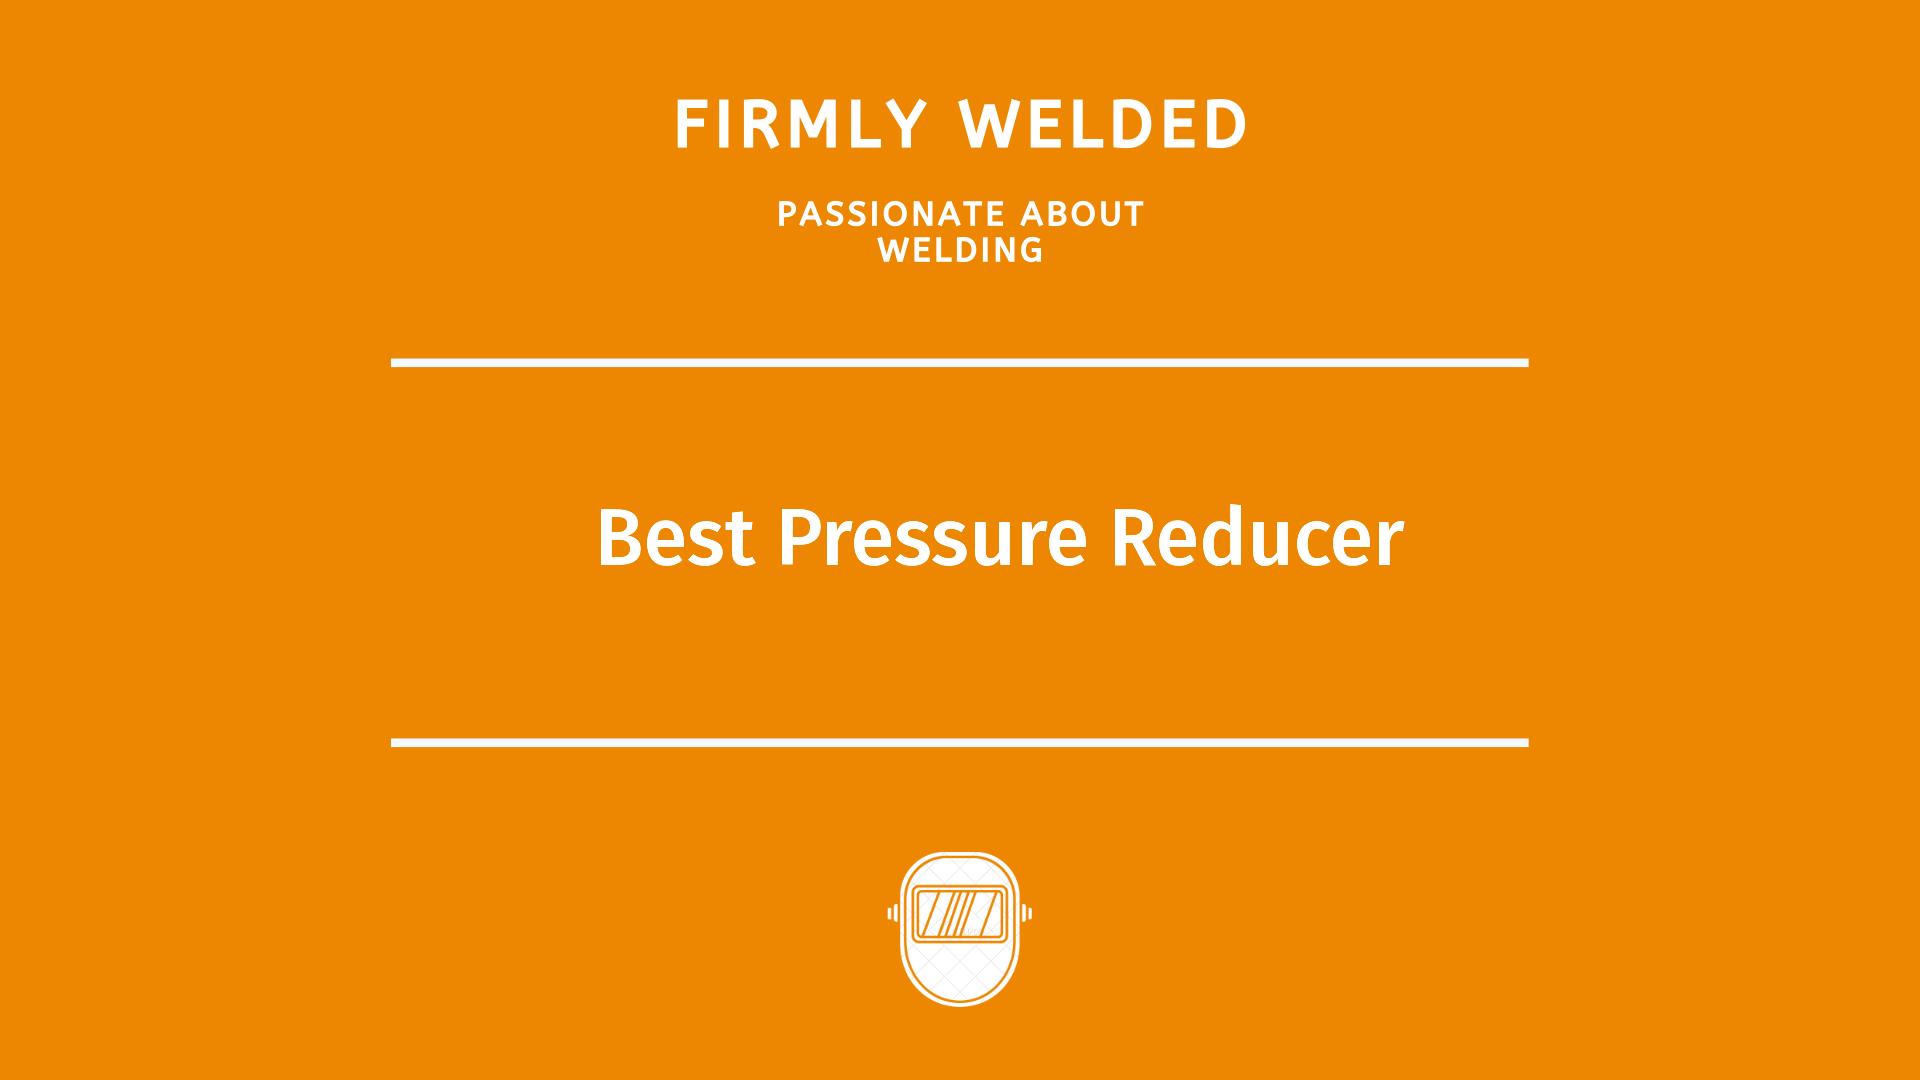 Best Pressure Reducer